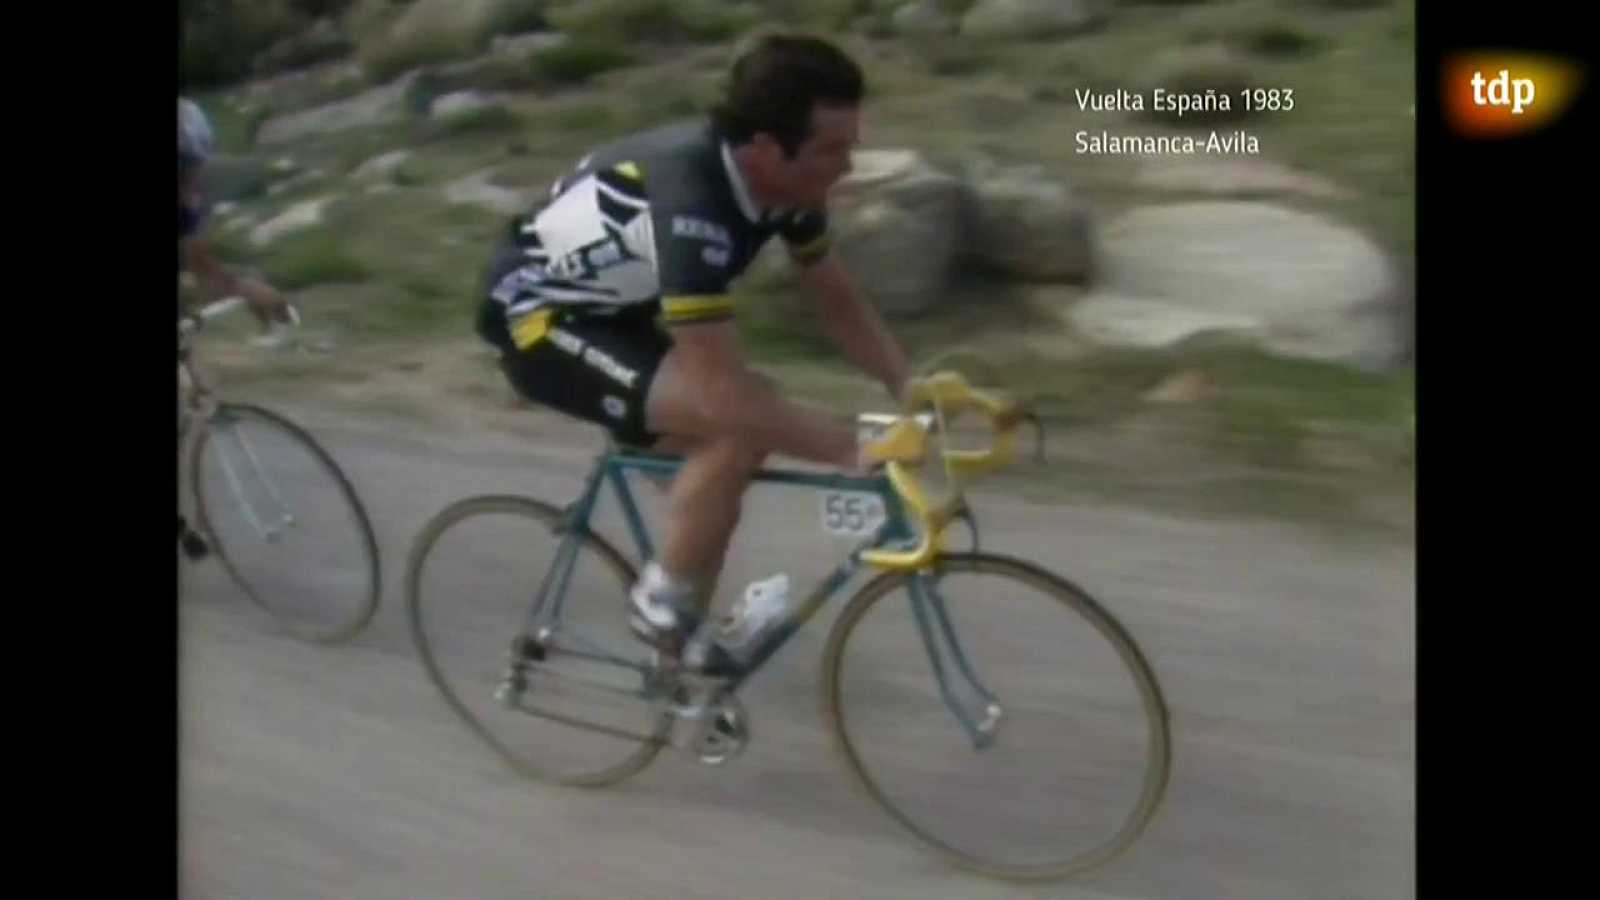 Ciclismo - Vuelta a España 1983 - 17ª etapa: Salamanca-Ávila - Ver ahora